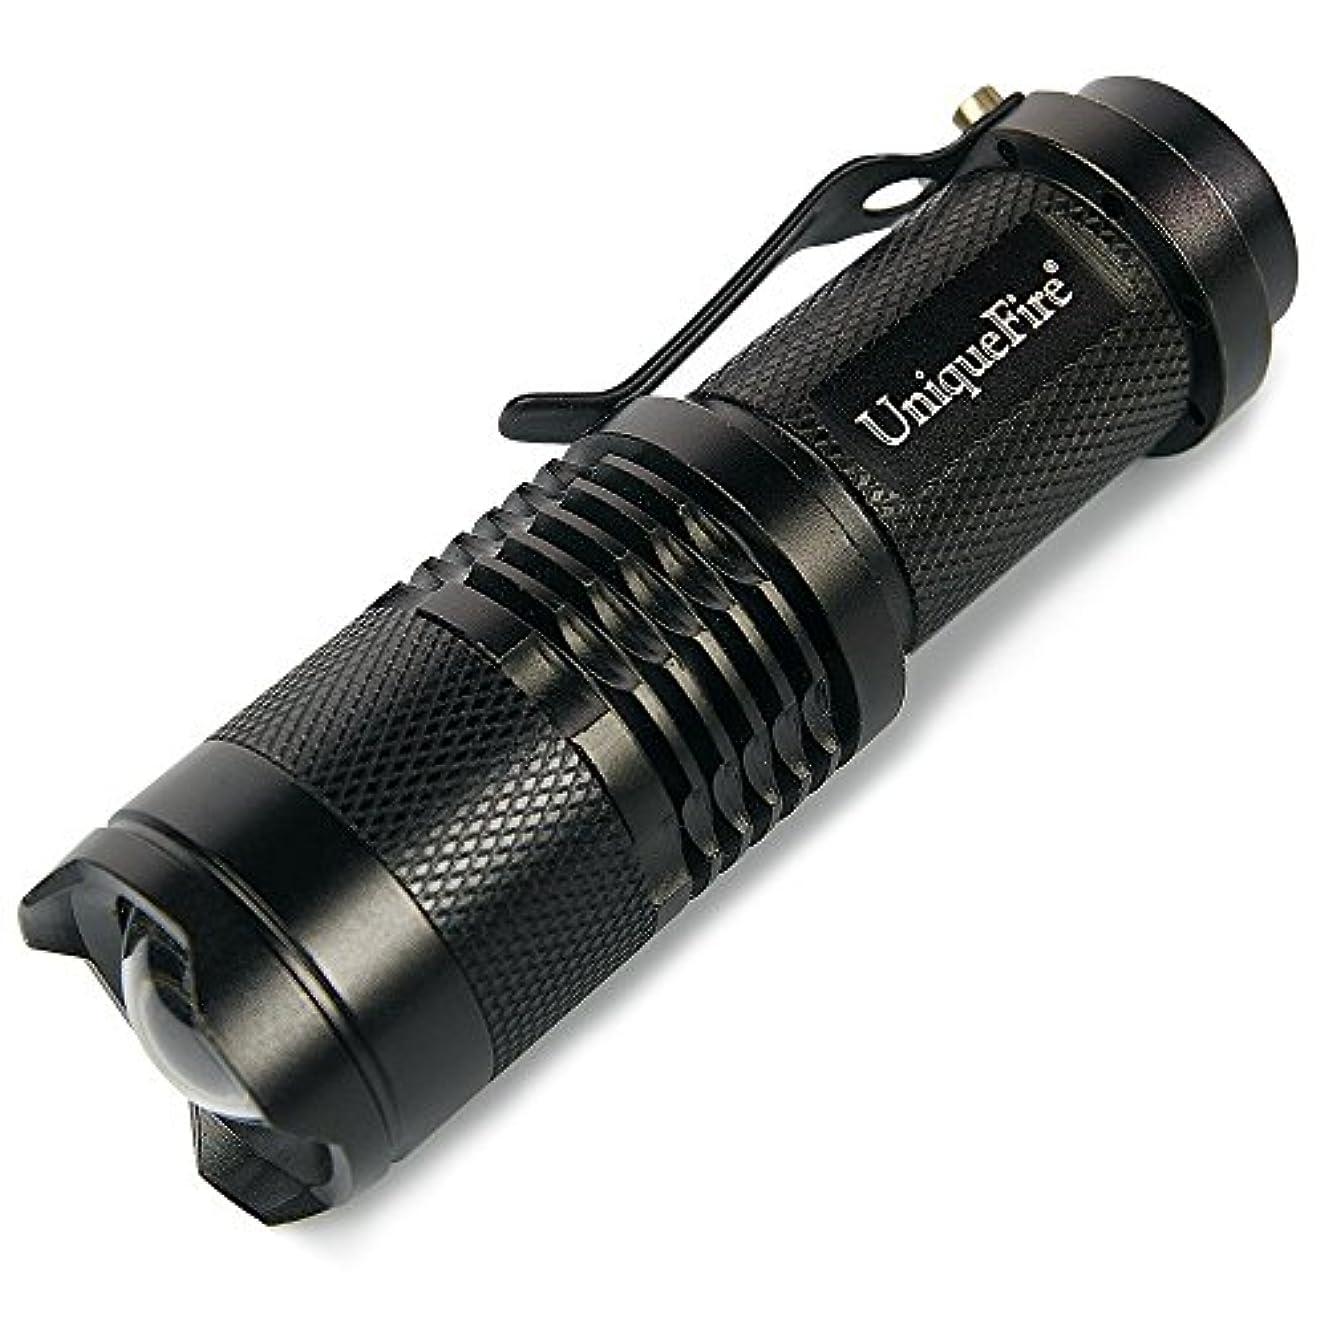 勤勉の間で受け入れたUniquefire SK68 手のひらサイズ 強力 300ルーメン led ライト 焦点距離が調節できるハイ?パワーLED懐中電灯 防水 防水 ズームフォーカス機能付